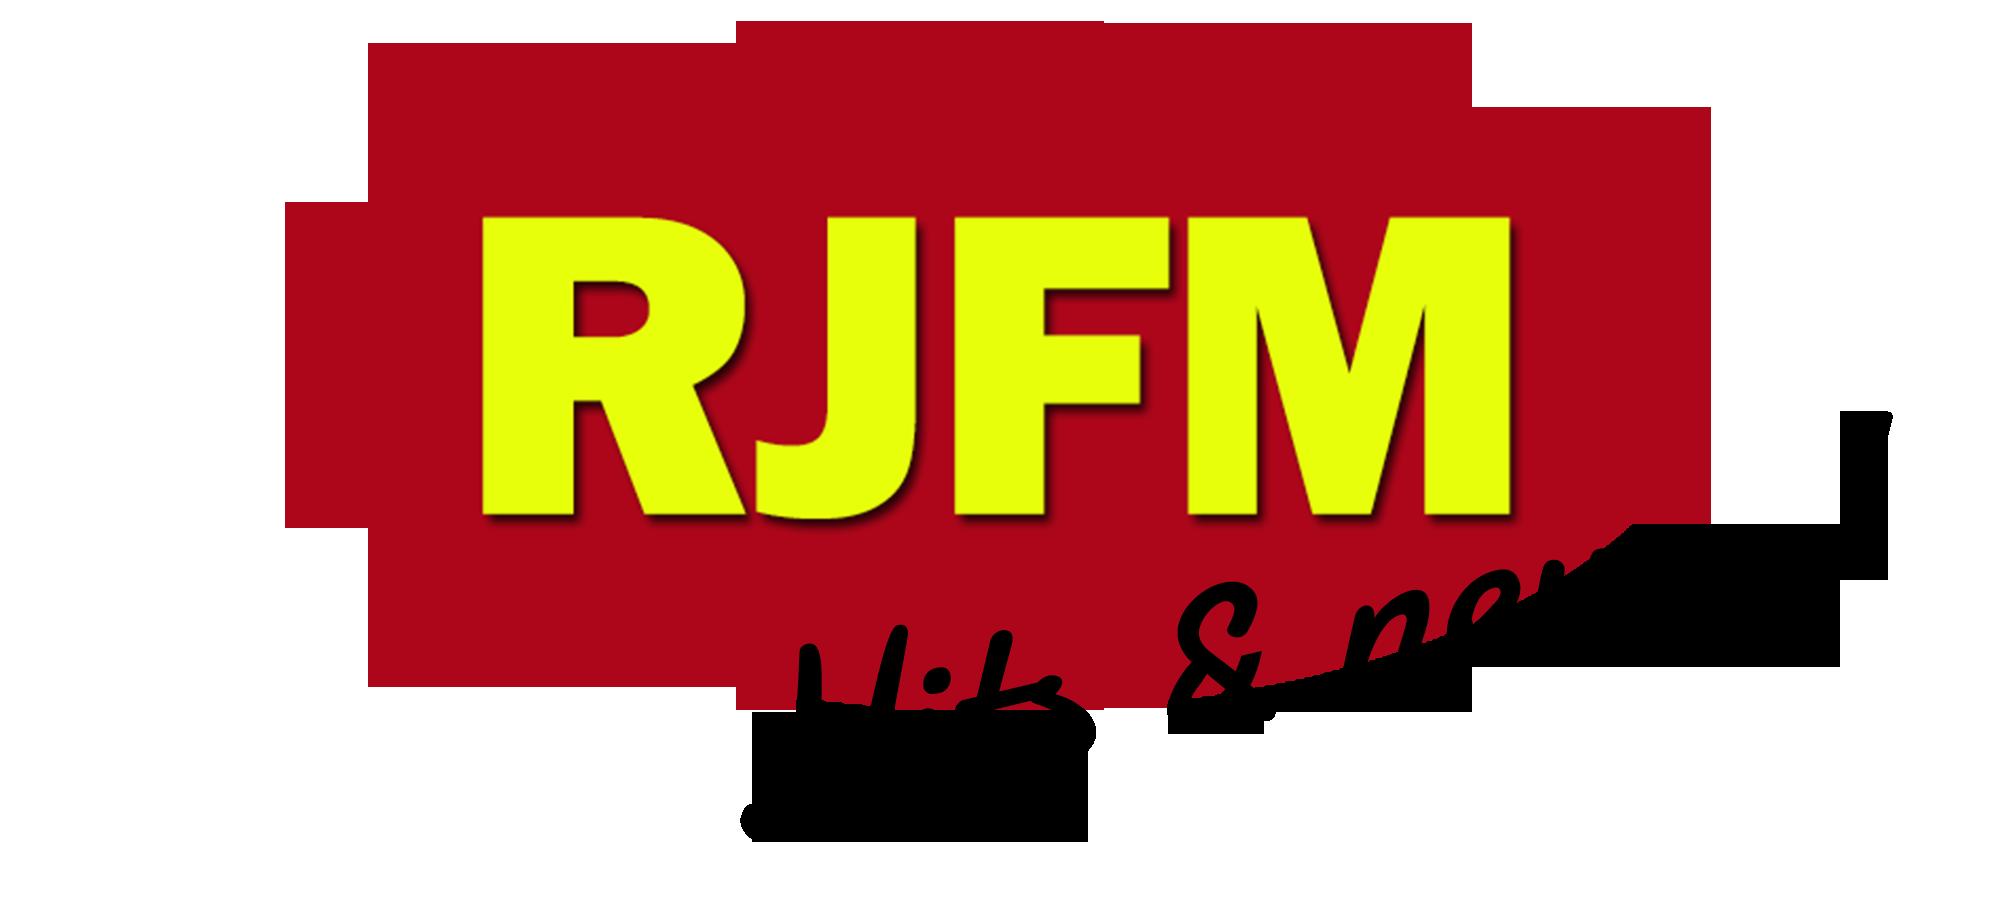 RJFM Image